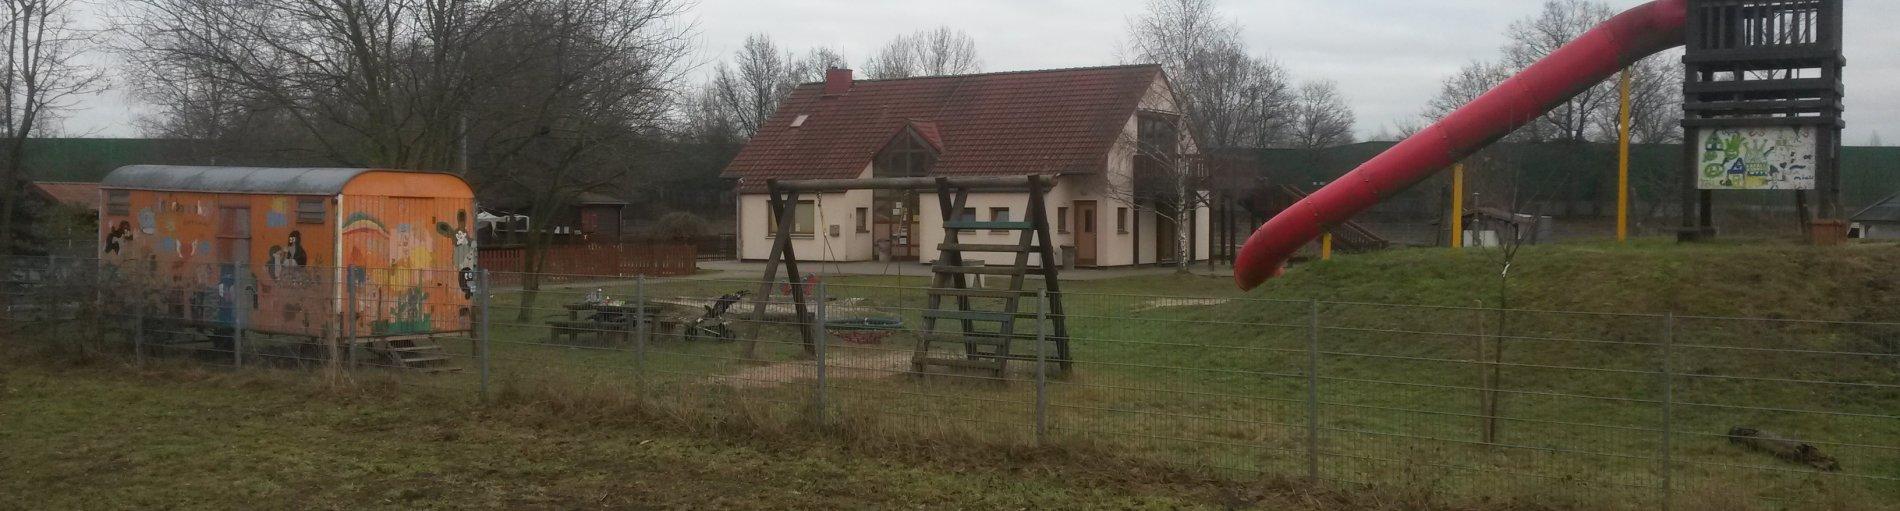 Rutsche und Haupthaus des Kinderbauernhofs Tenever